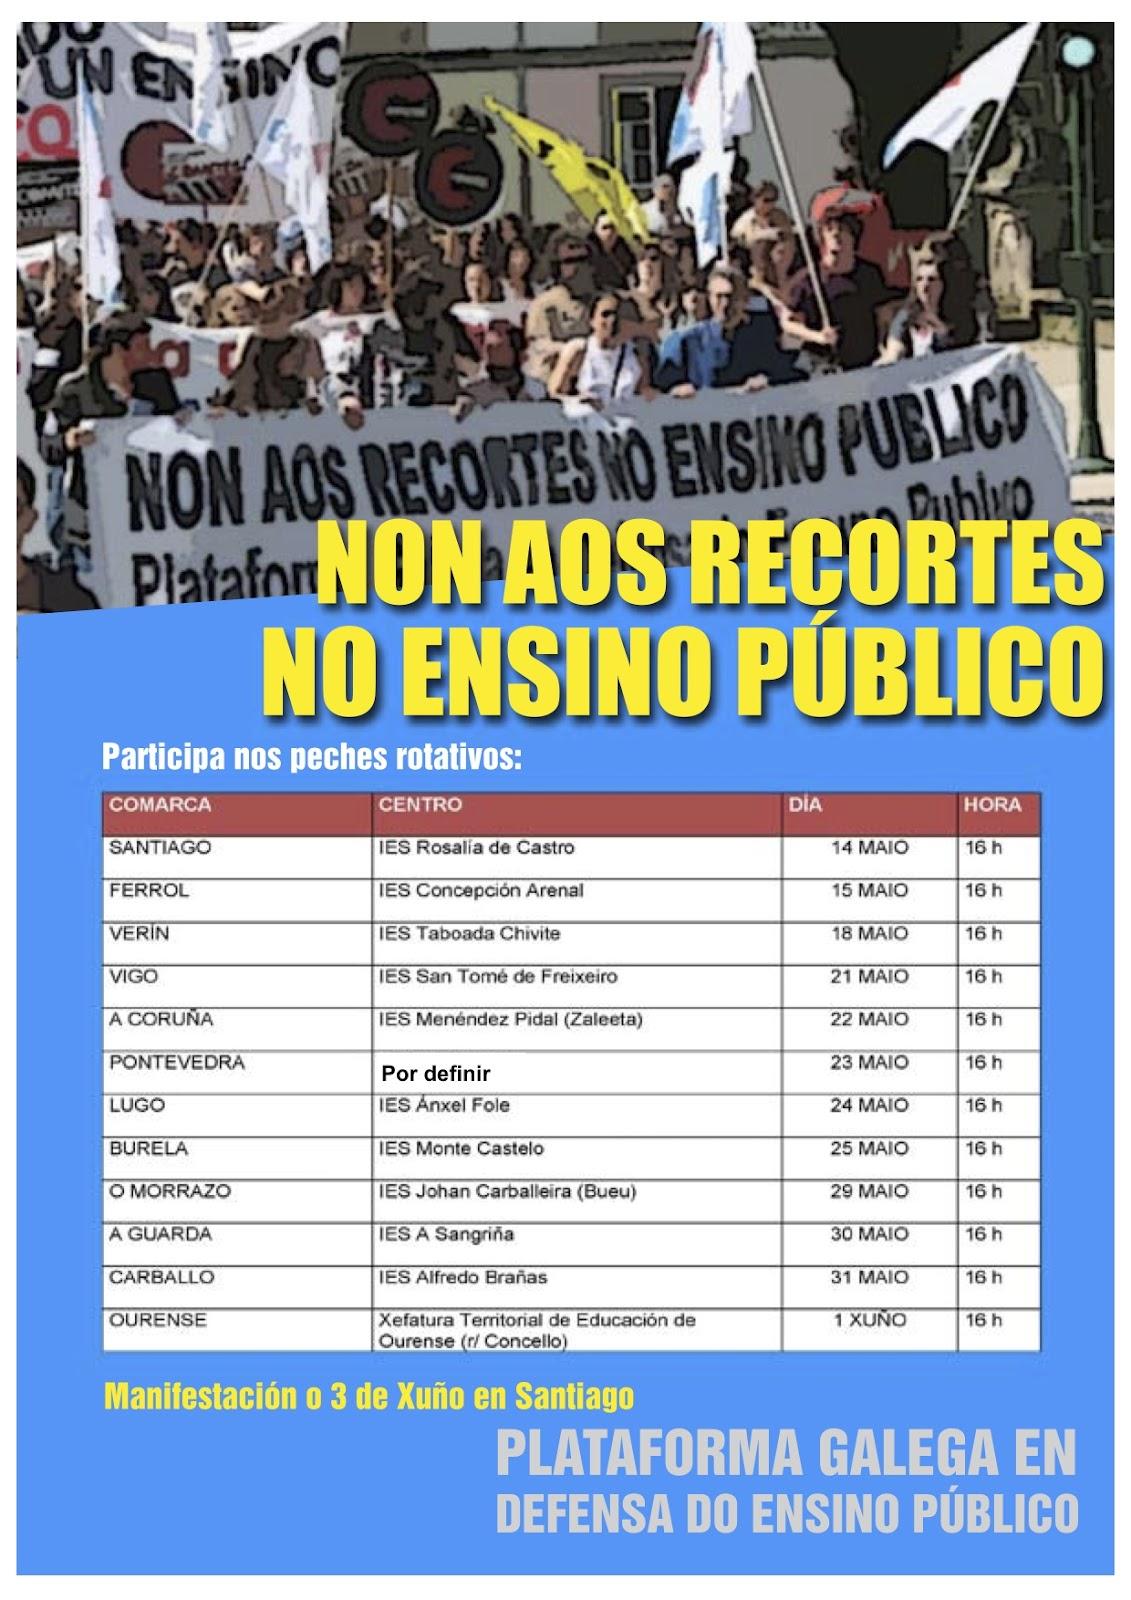 Peches da Plataforma Galega en Defensa do Ensino Público